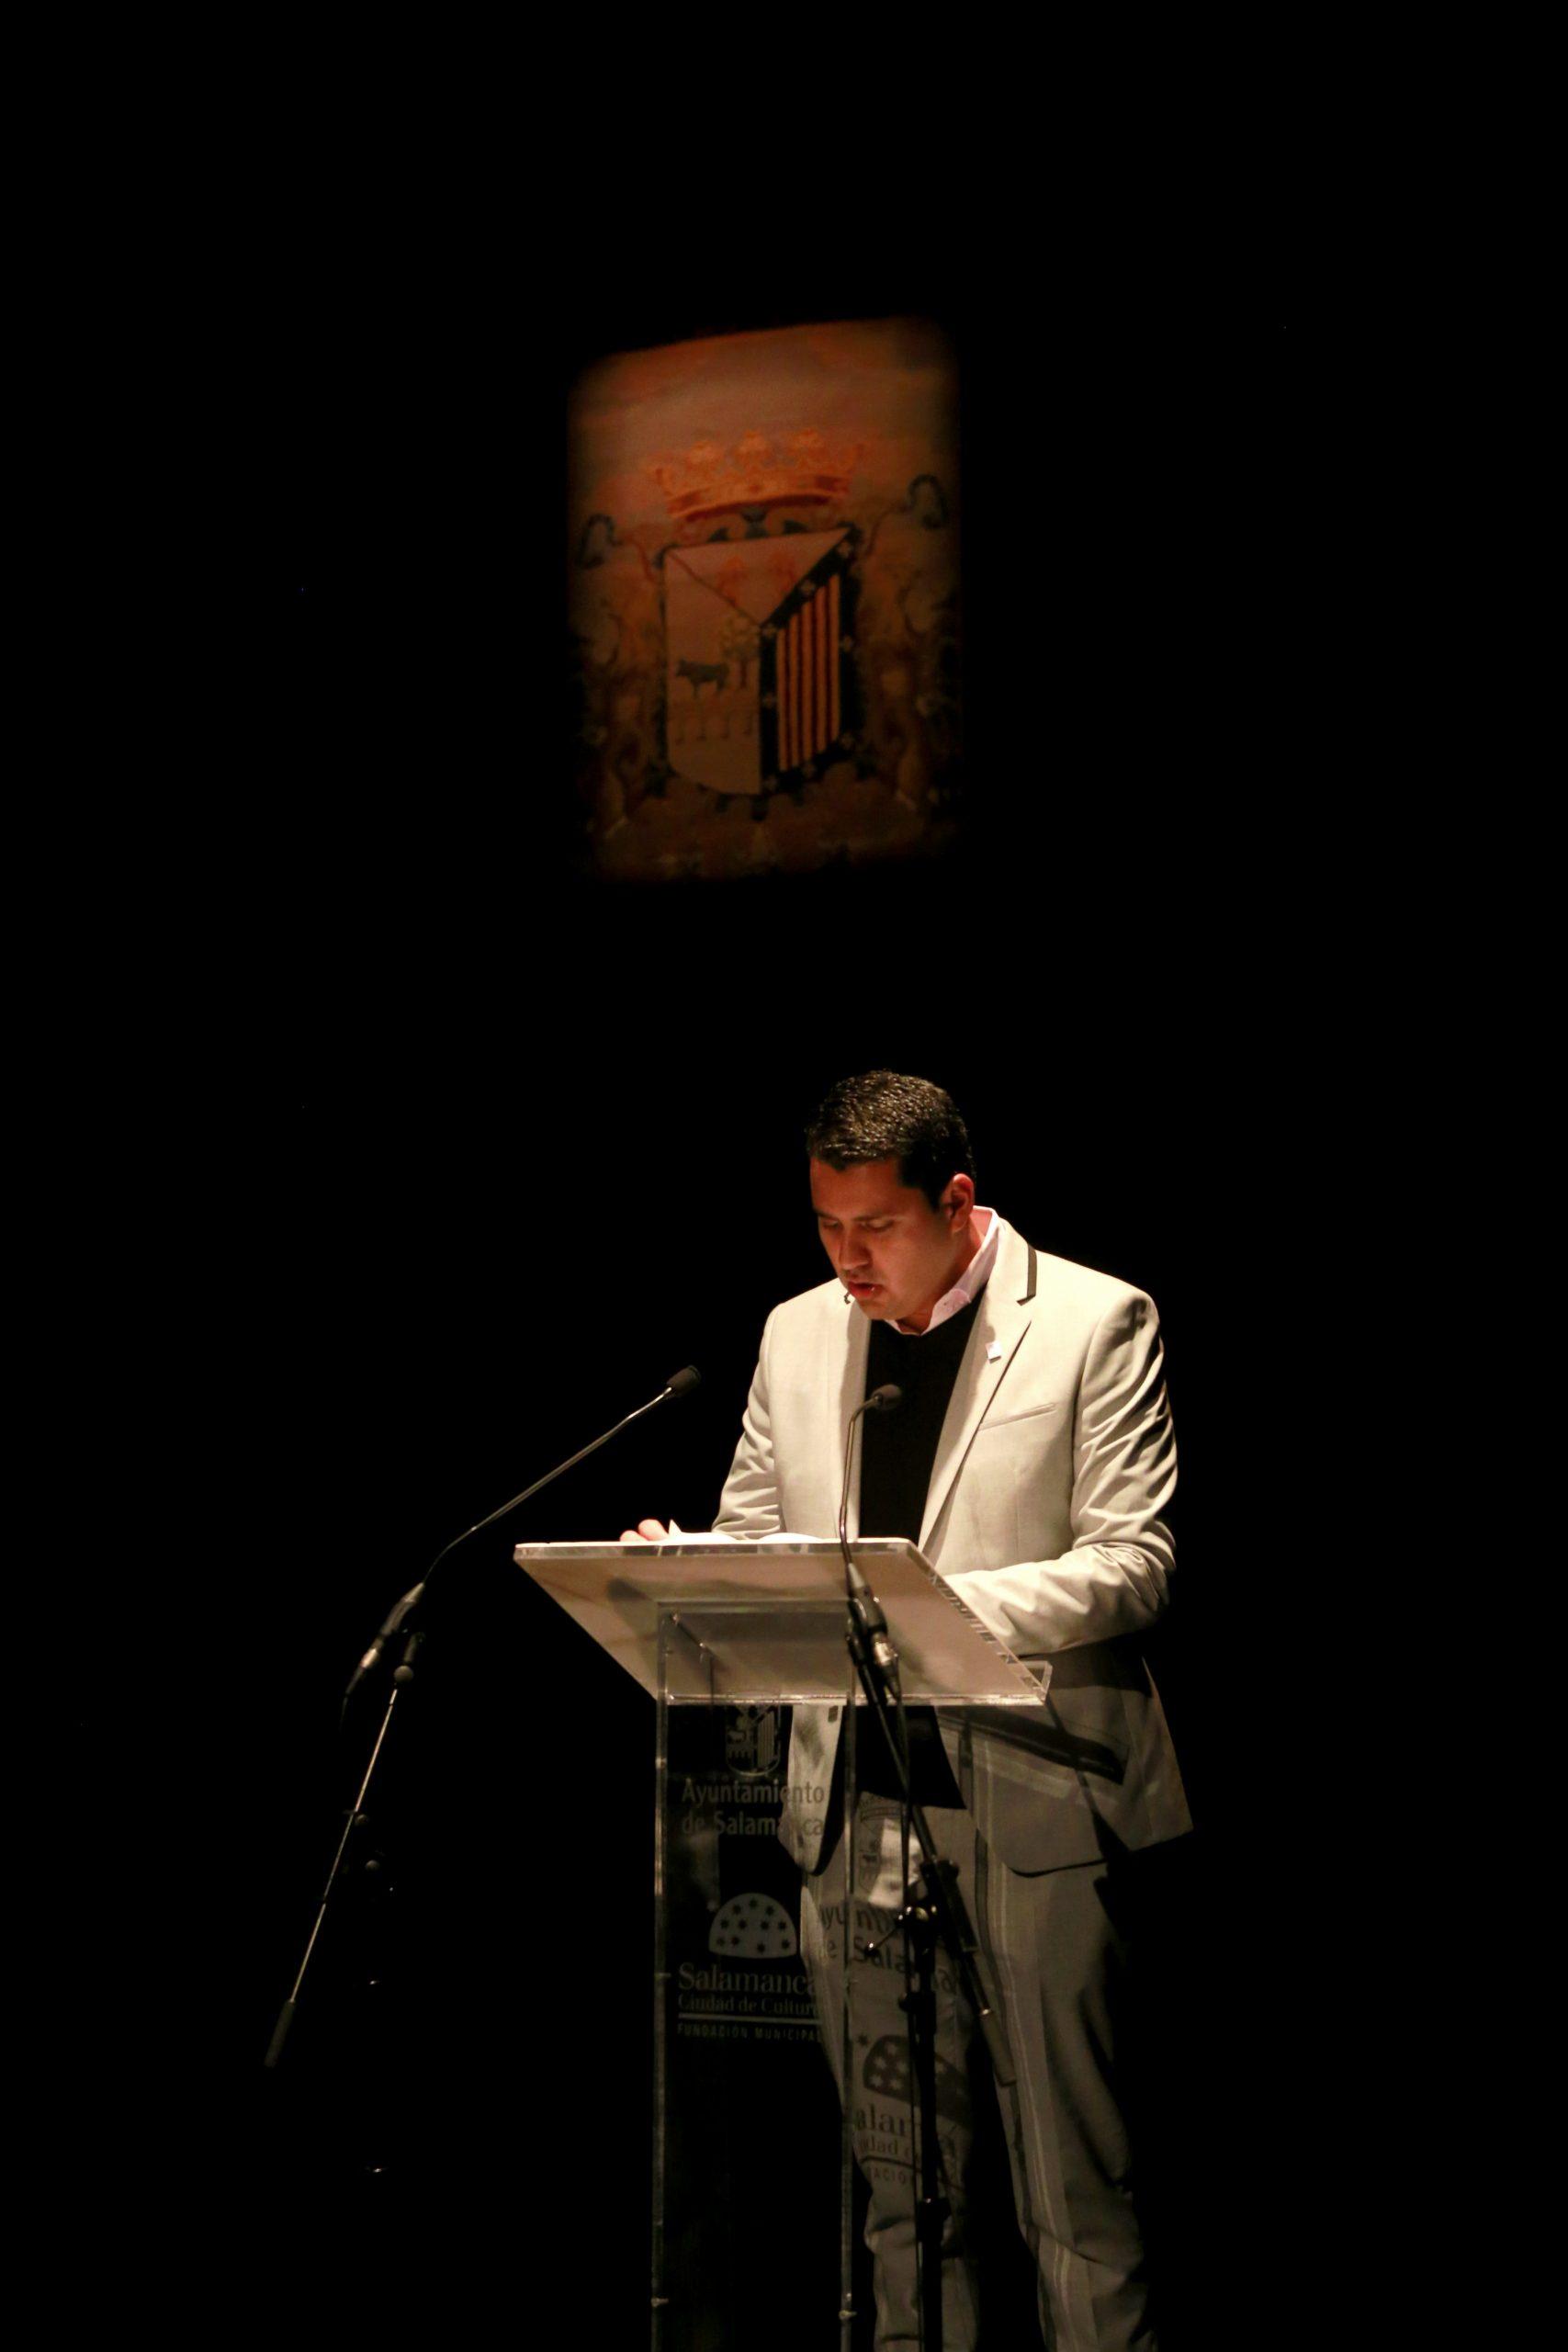 'Contra un cielo pintado'. Algunos poemas inéditos del costarricense Juan Carlos Olivas